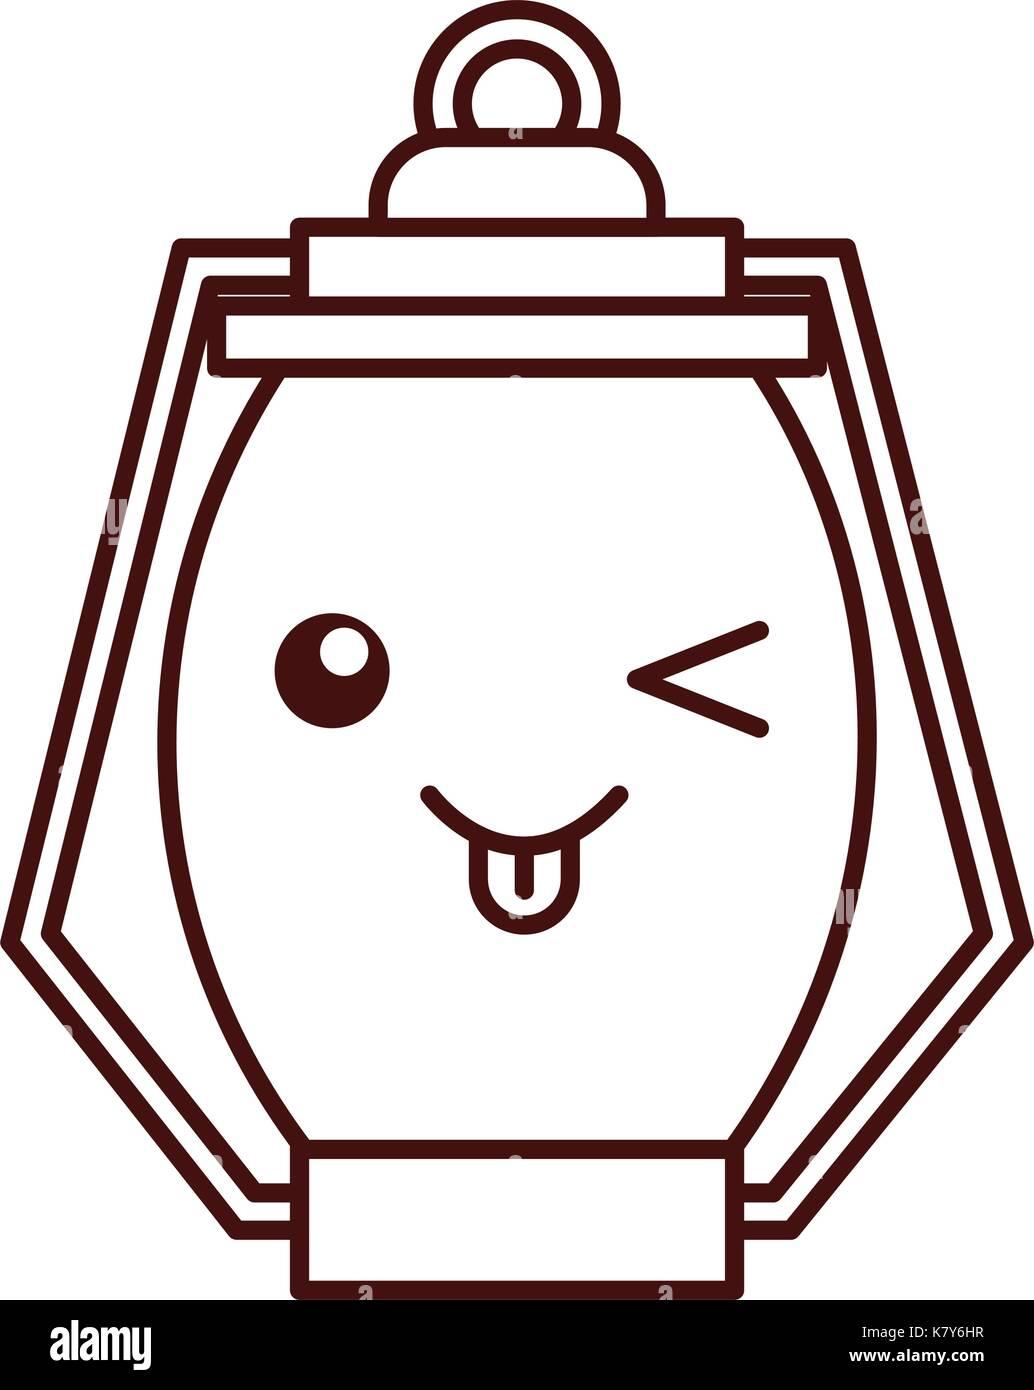 kawaii kerosene lamp camping cartoon - Stock Image